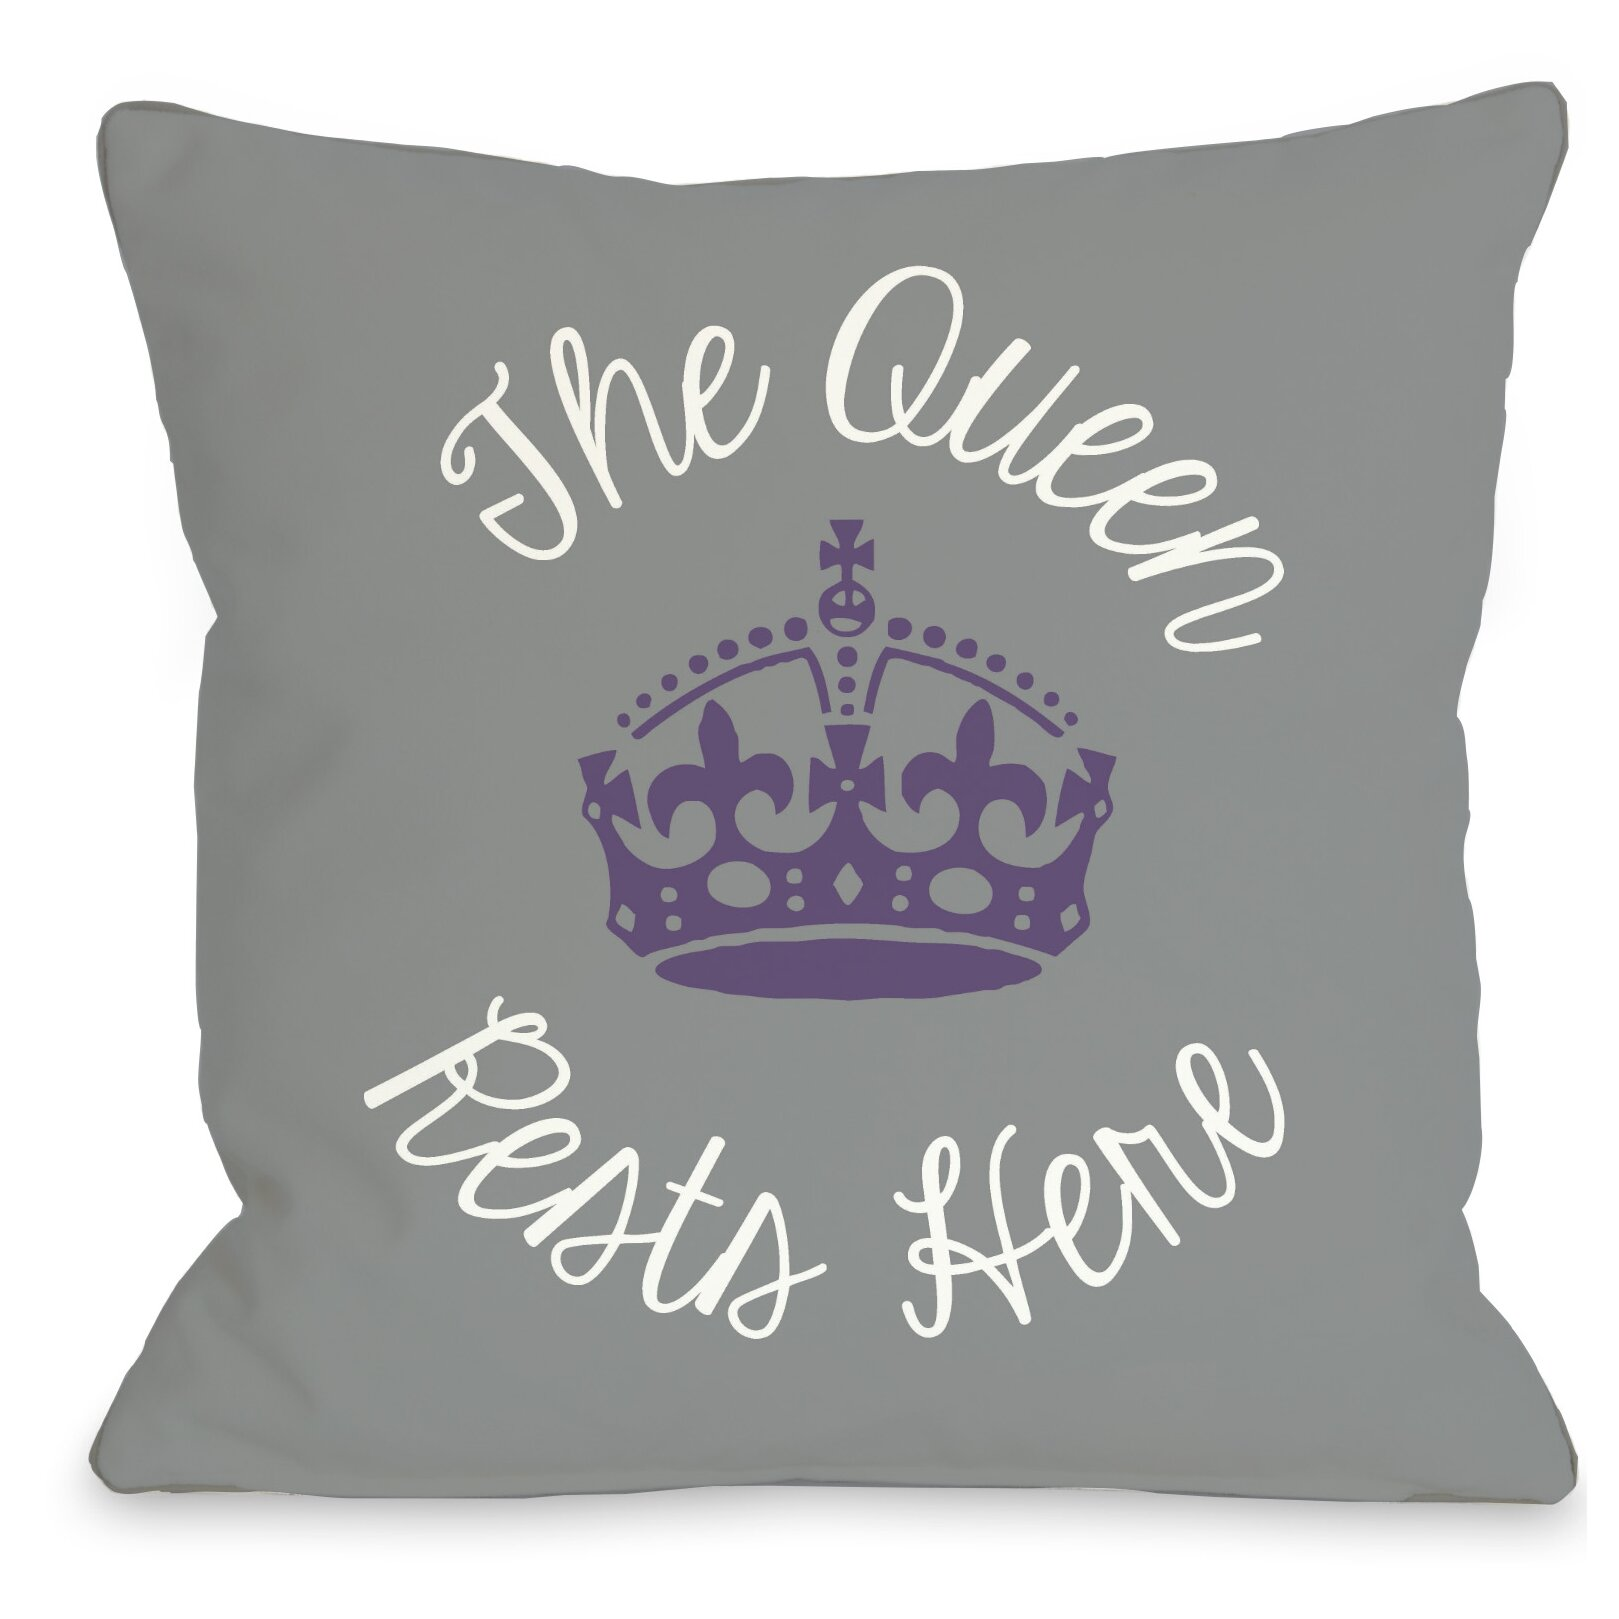 One Bella Casa Queen Rests Here Throw Pillow & Reviews Wayfair